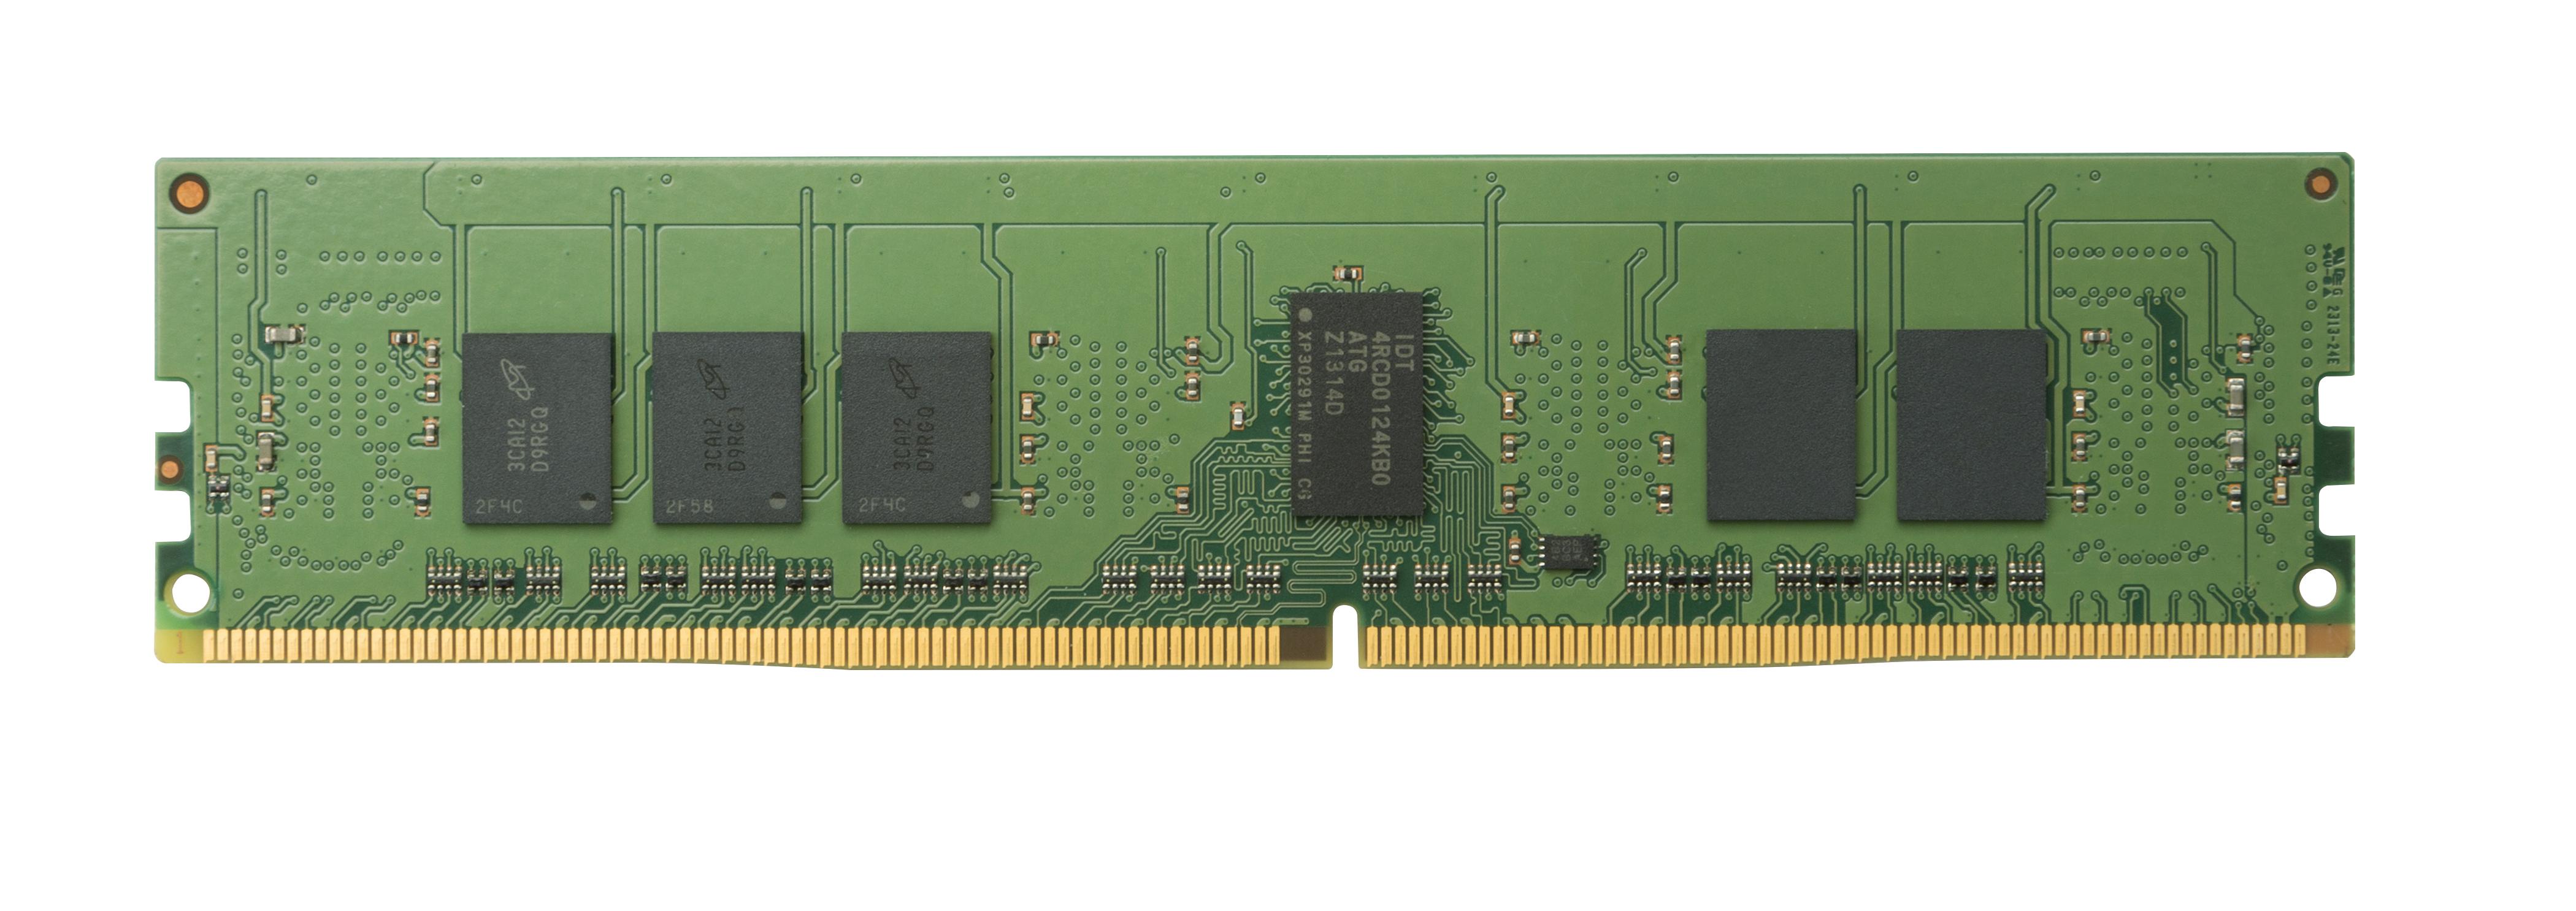 MEMORIA ECC 8GB DDR4 A 2133 MHZ MEMORIAS PARA PC